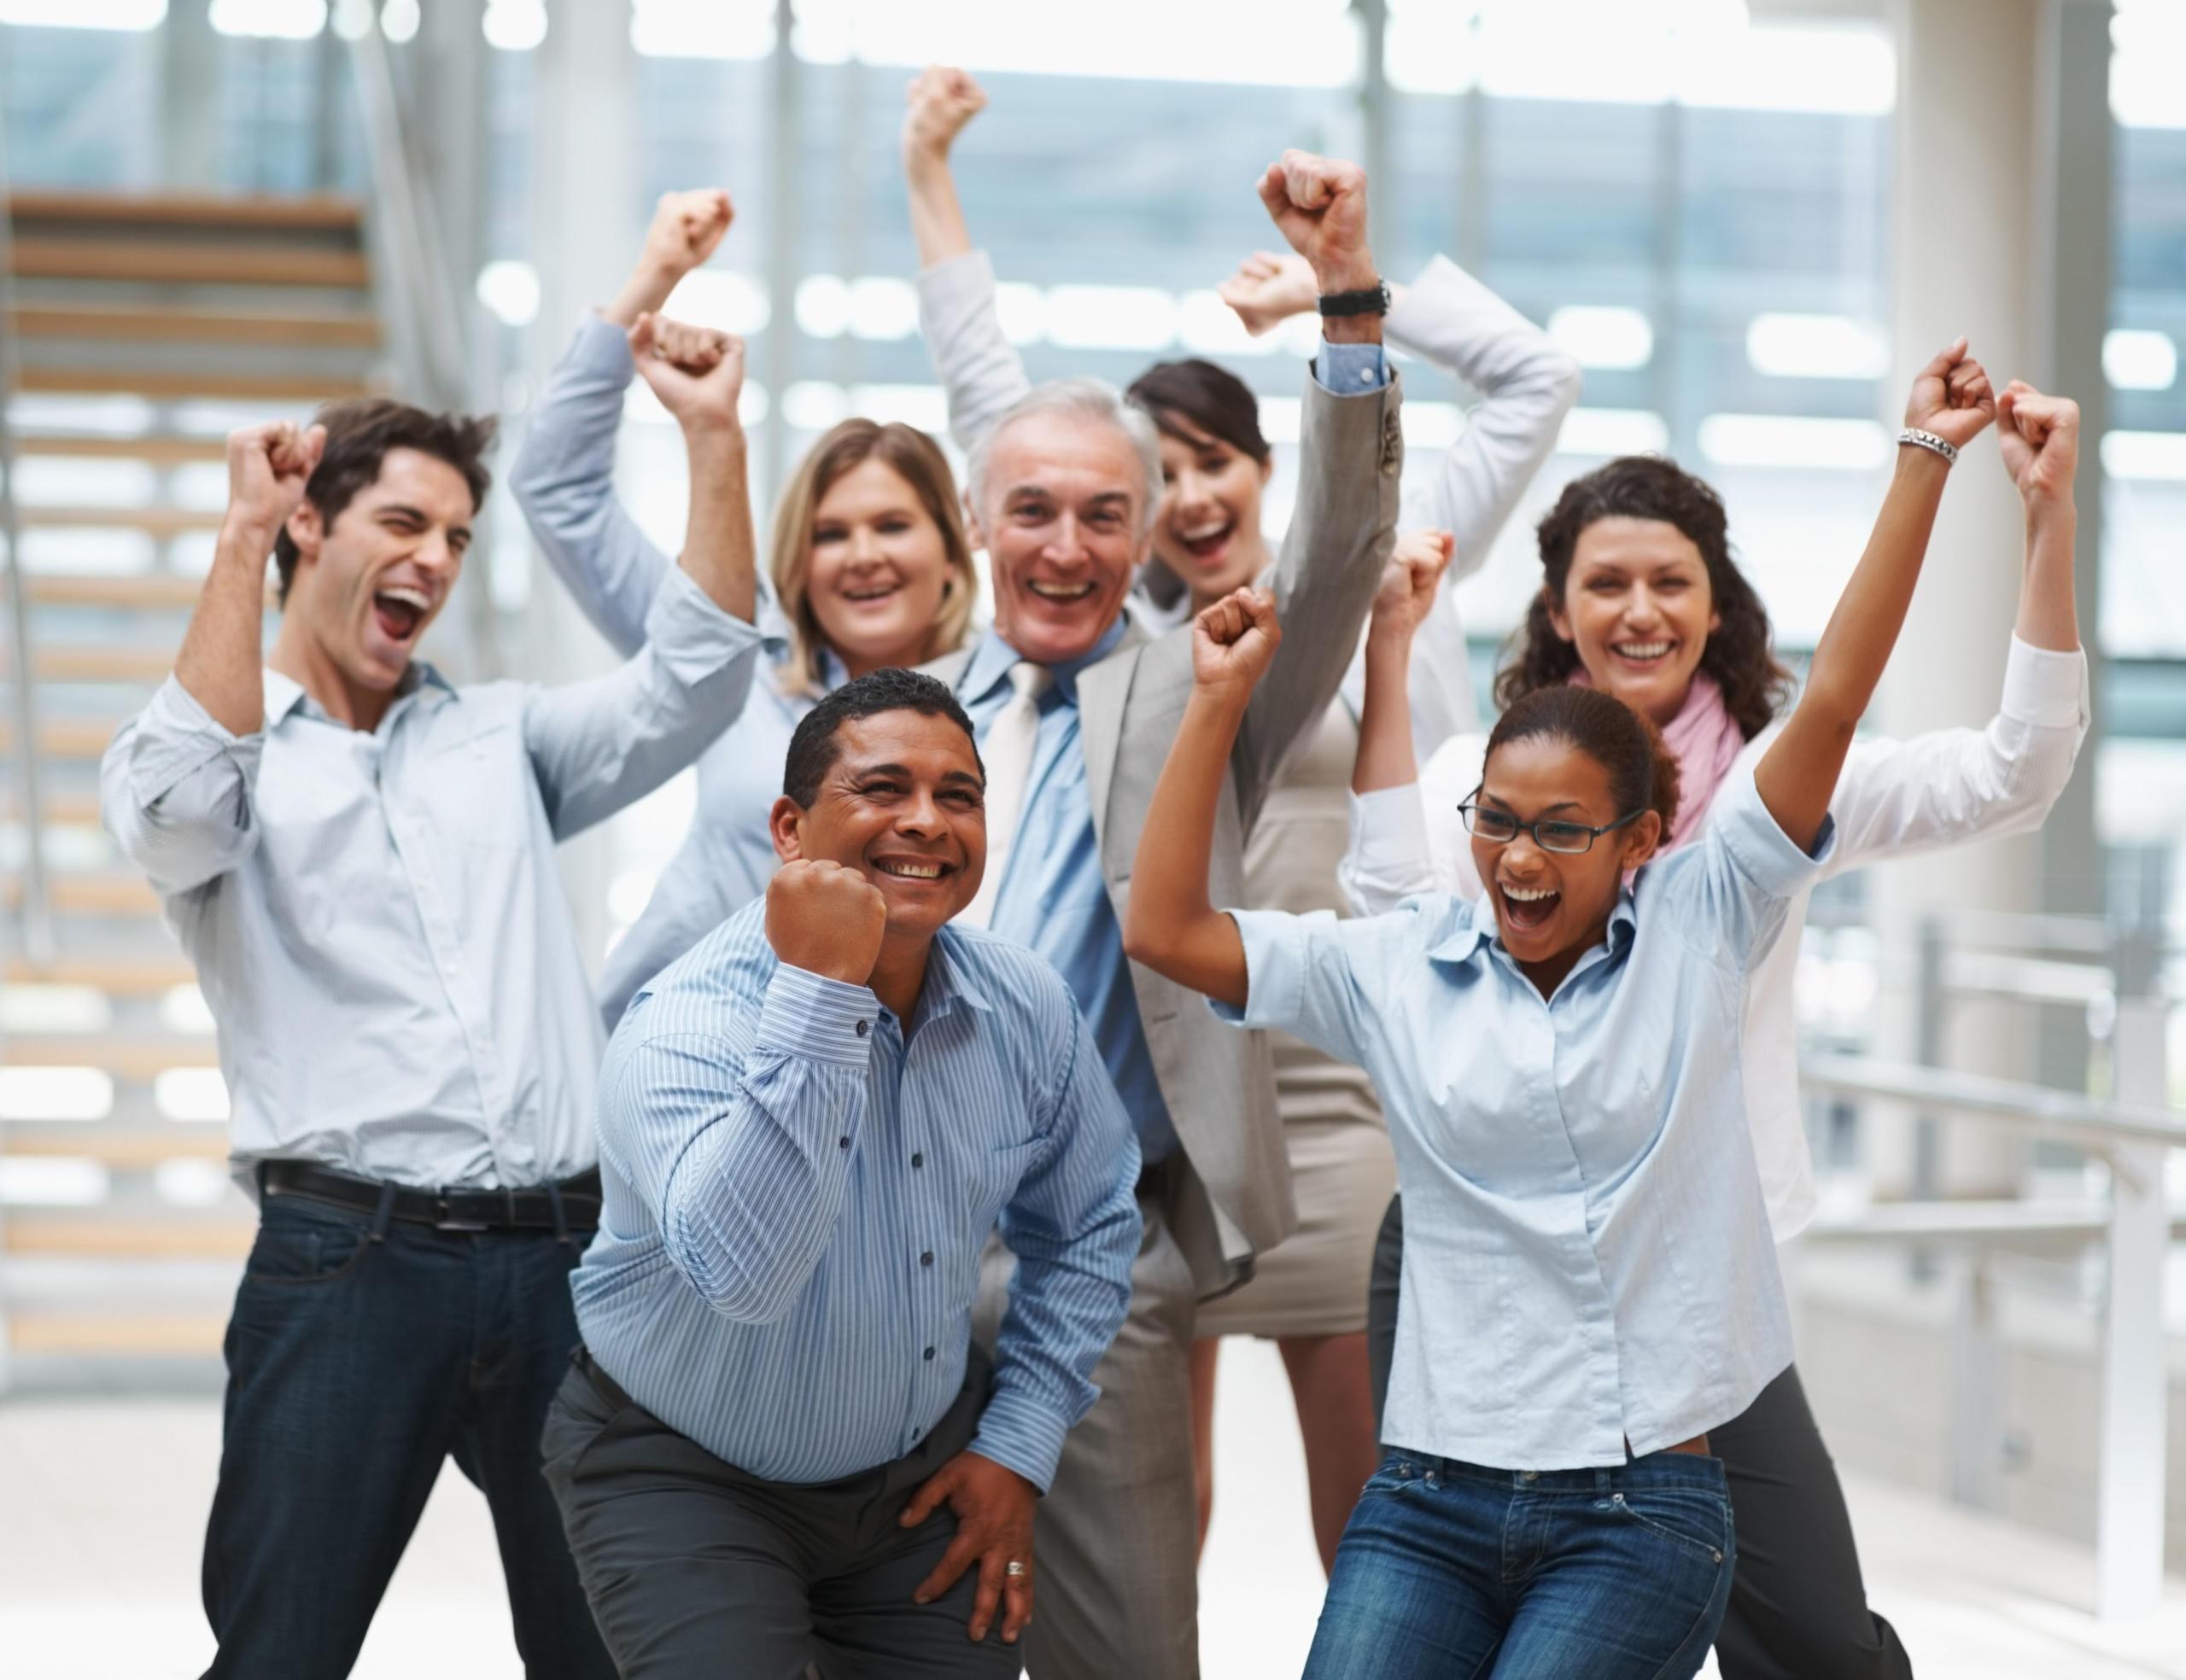 Mutluluk Her İşte! İşte Mutlu Kariyer!